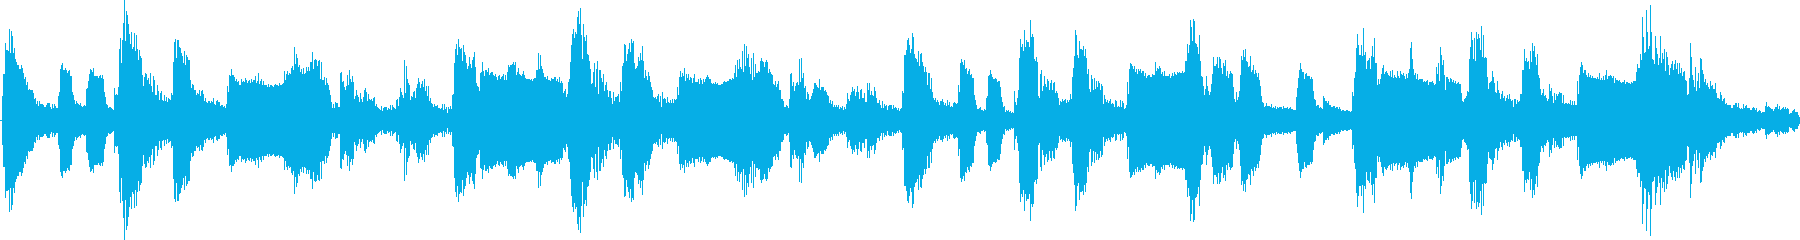 子供向けのワクワクするジングル(ループ)の再生済みの波形